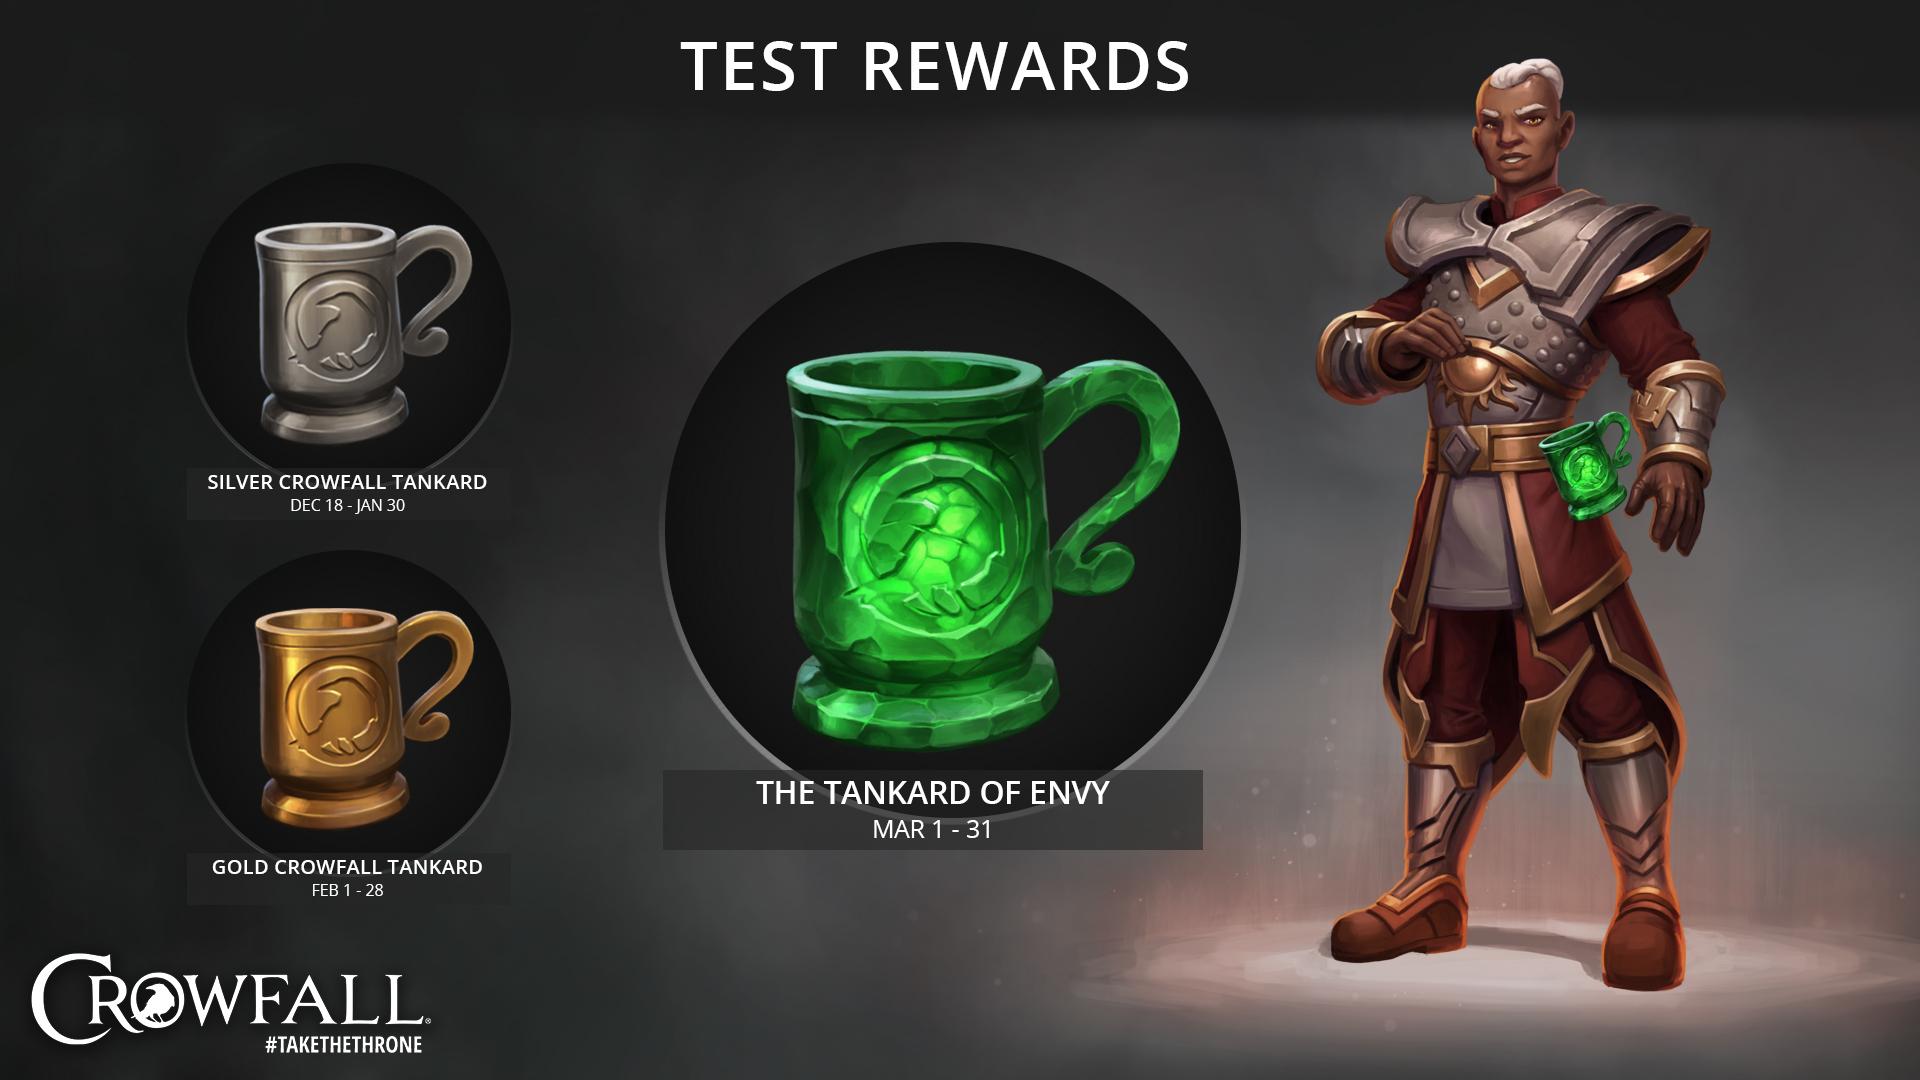 TEST-REWARDS-TANKARDS-MARCH-2.jpg